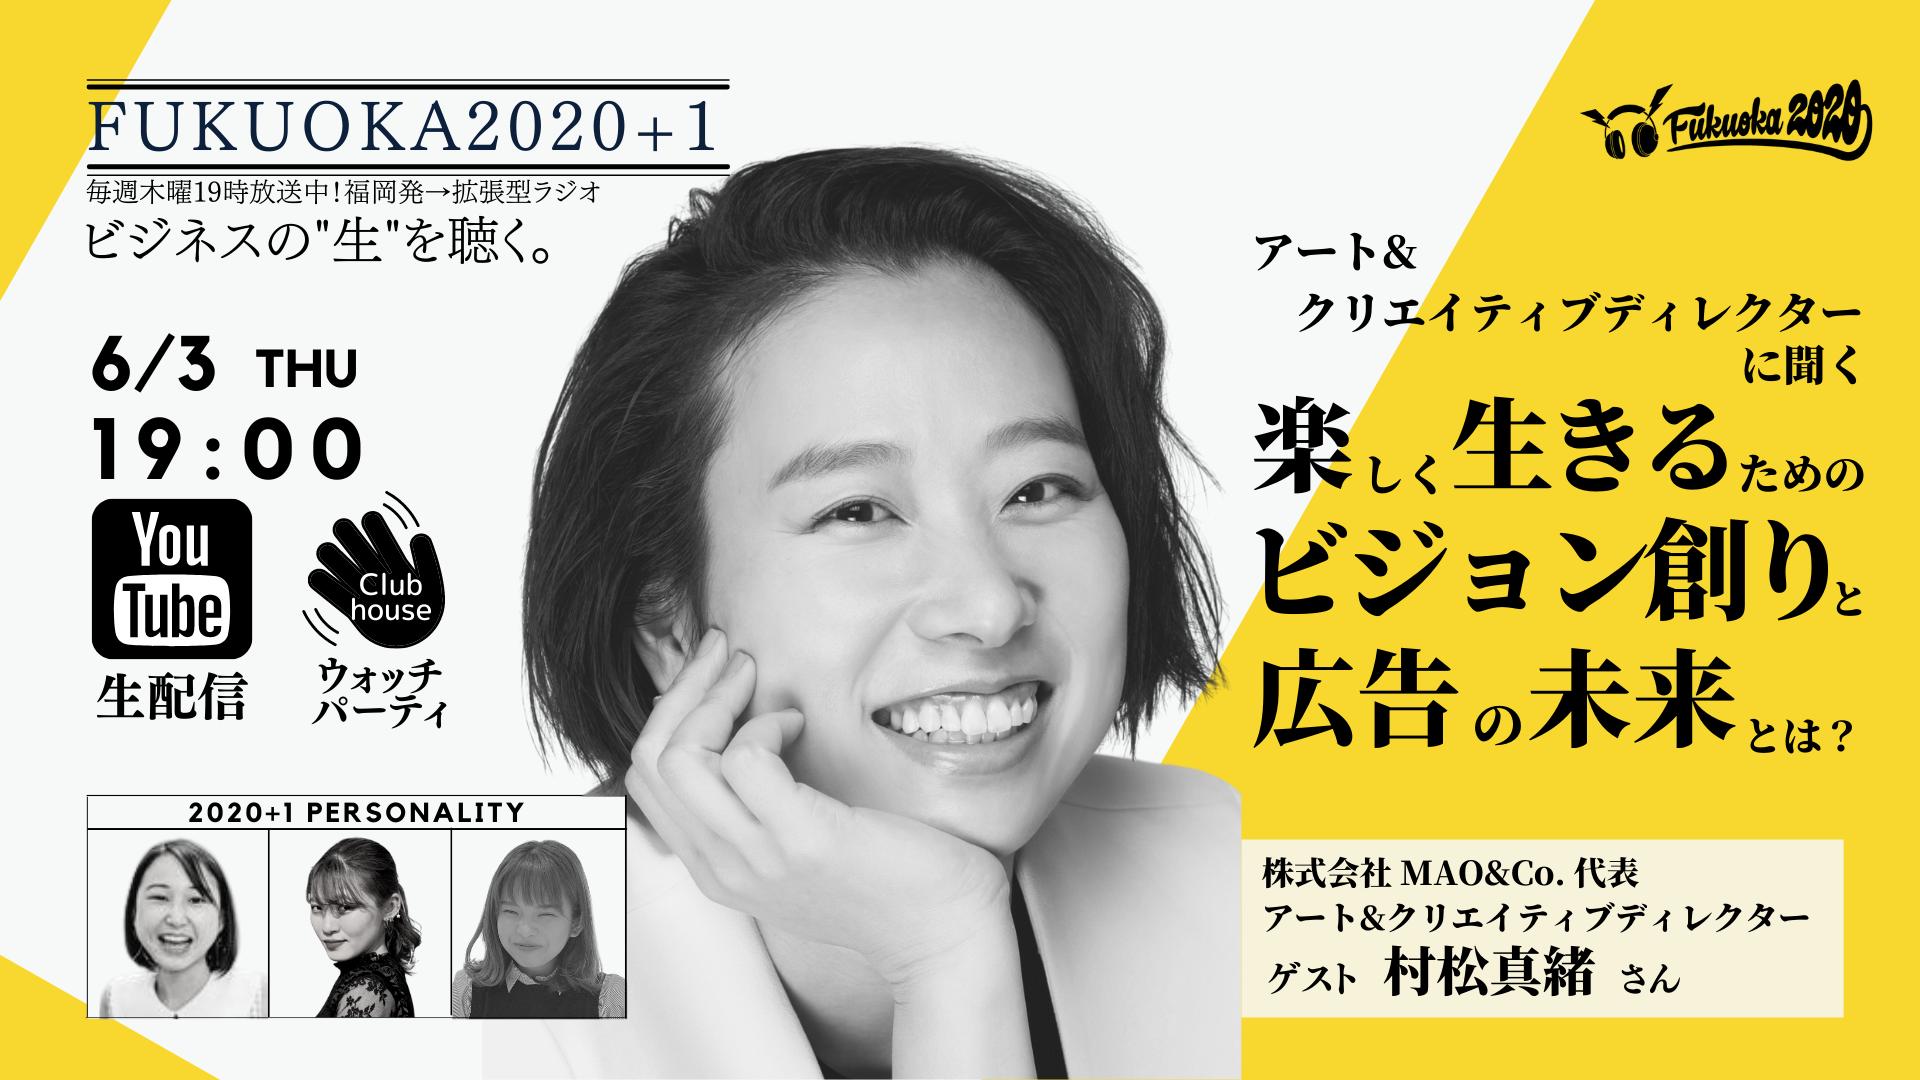 【LIVE】FUKUOKA2020 vol.140 |ゲスト:株式会社 MAO&Co. 代表 アート&クリエイティブディレクター  村松真緒さん